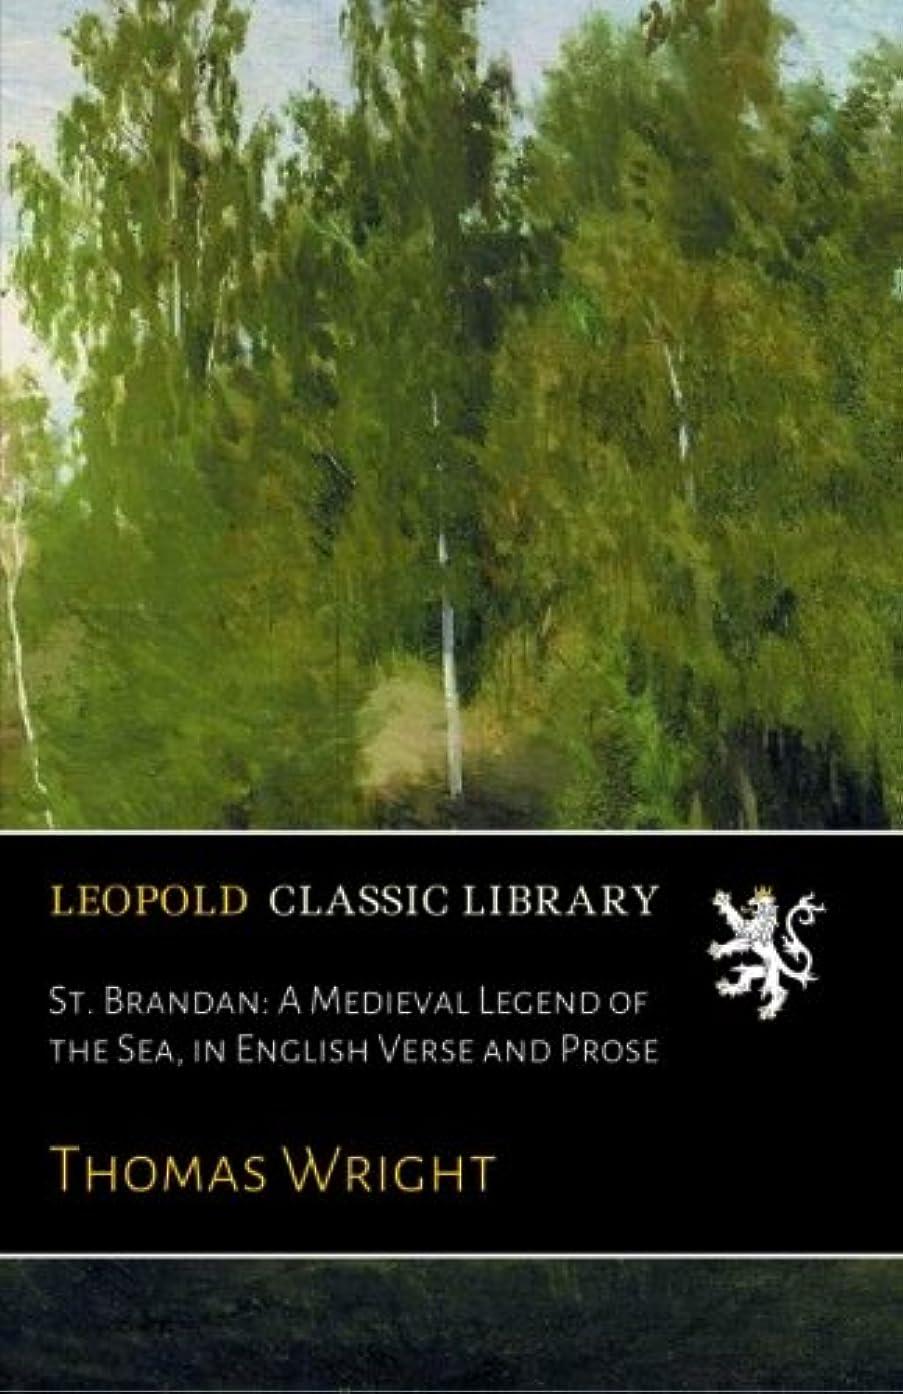 困惑するダーベビルのテスつなぐSt. Brandan: A Medieval Legend of the Sea, in English Verse and Prose